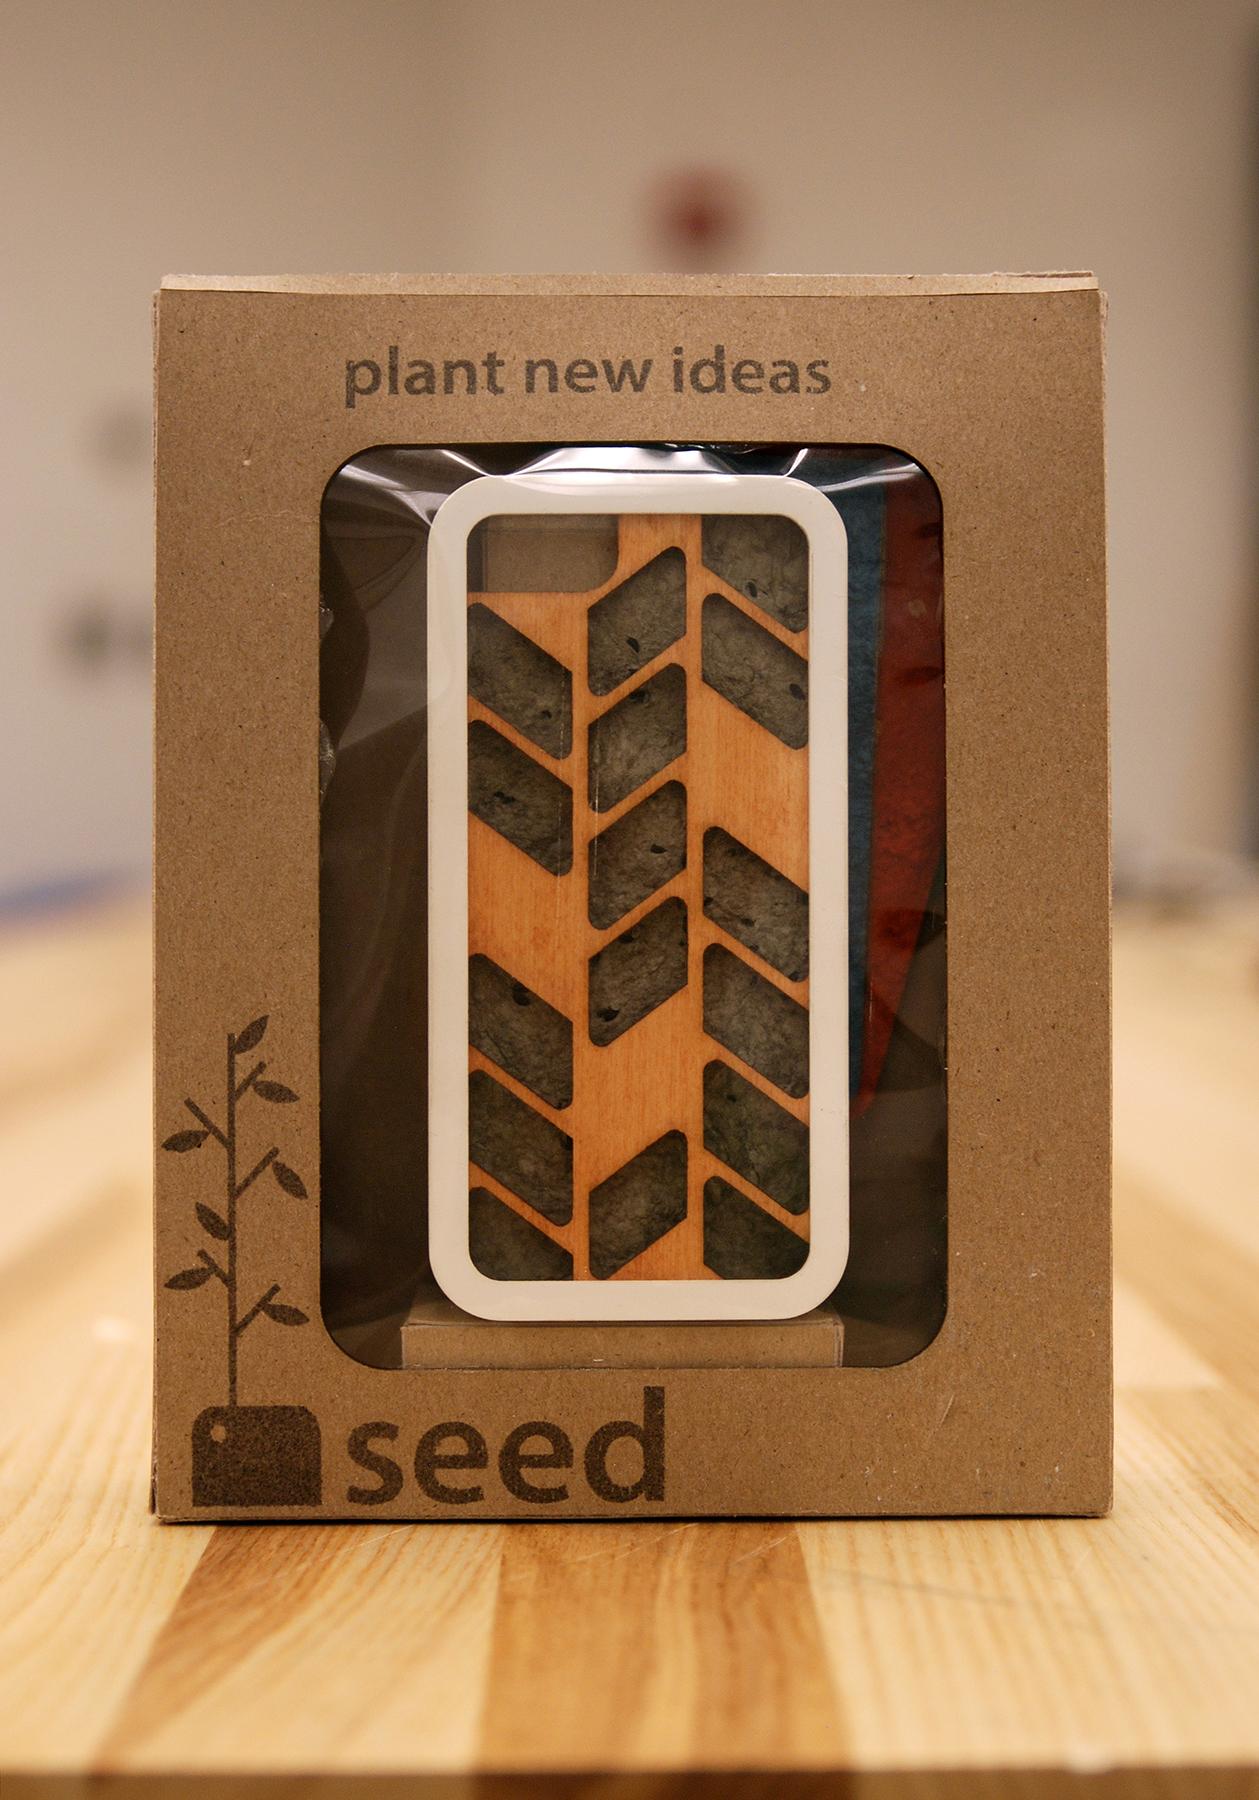 Seed Phone Case in Packaging